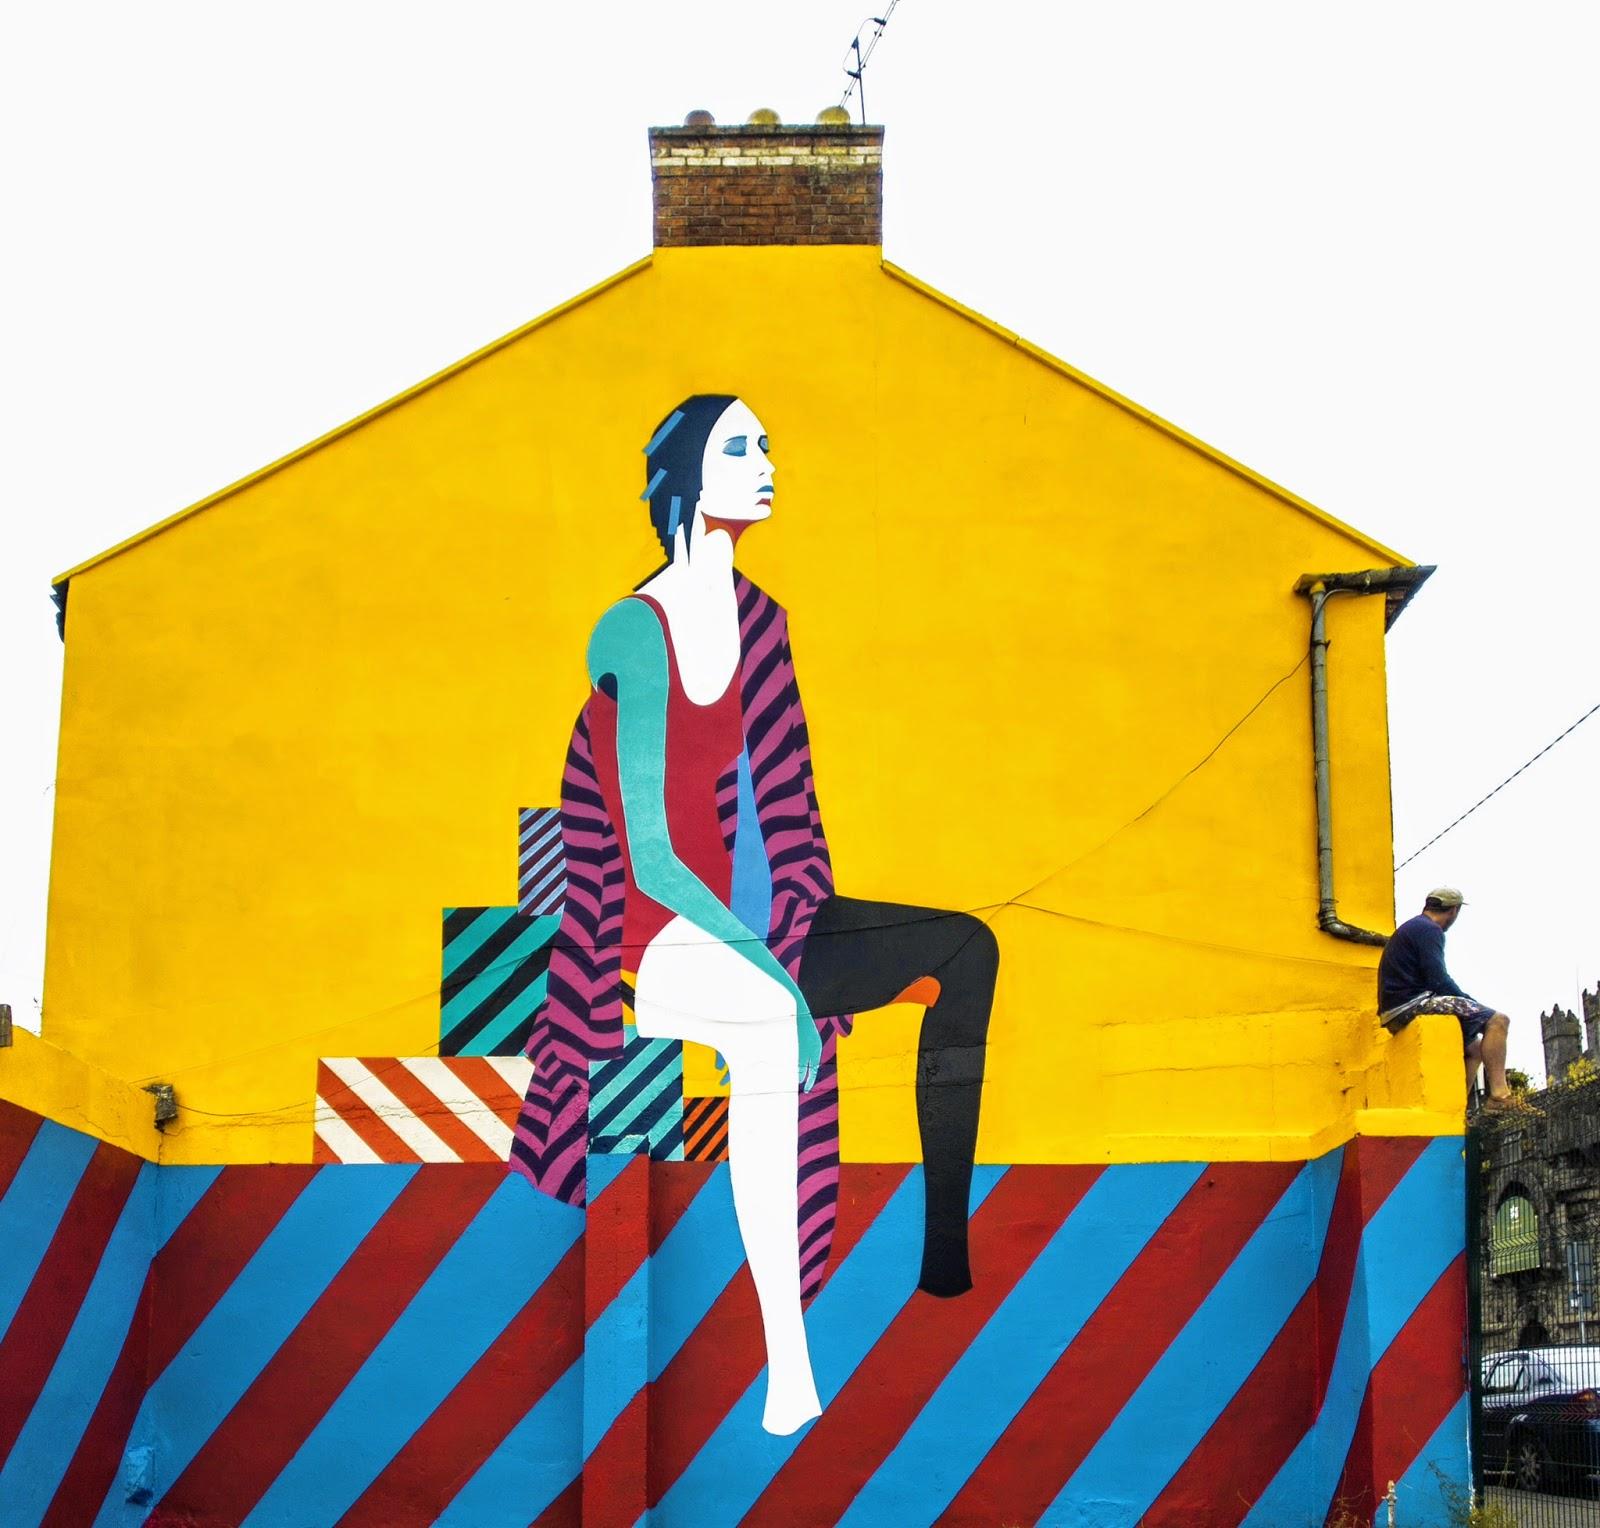 Maser new mural limerick ireland streetartnews for Mural ireland